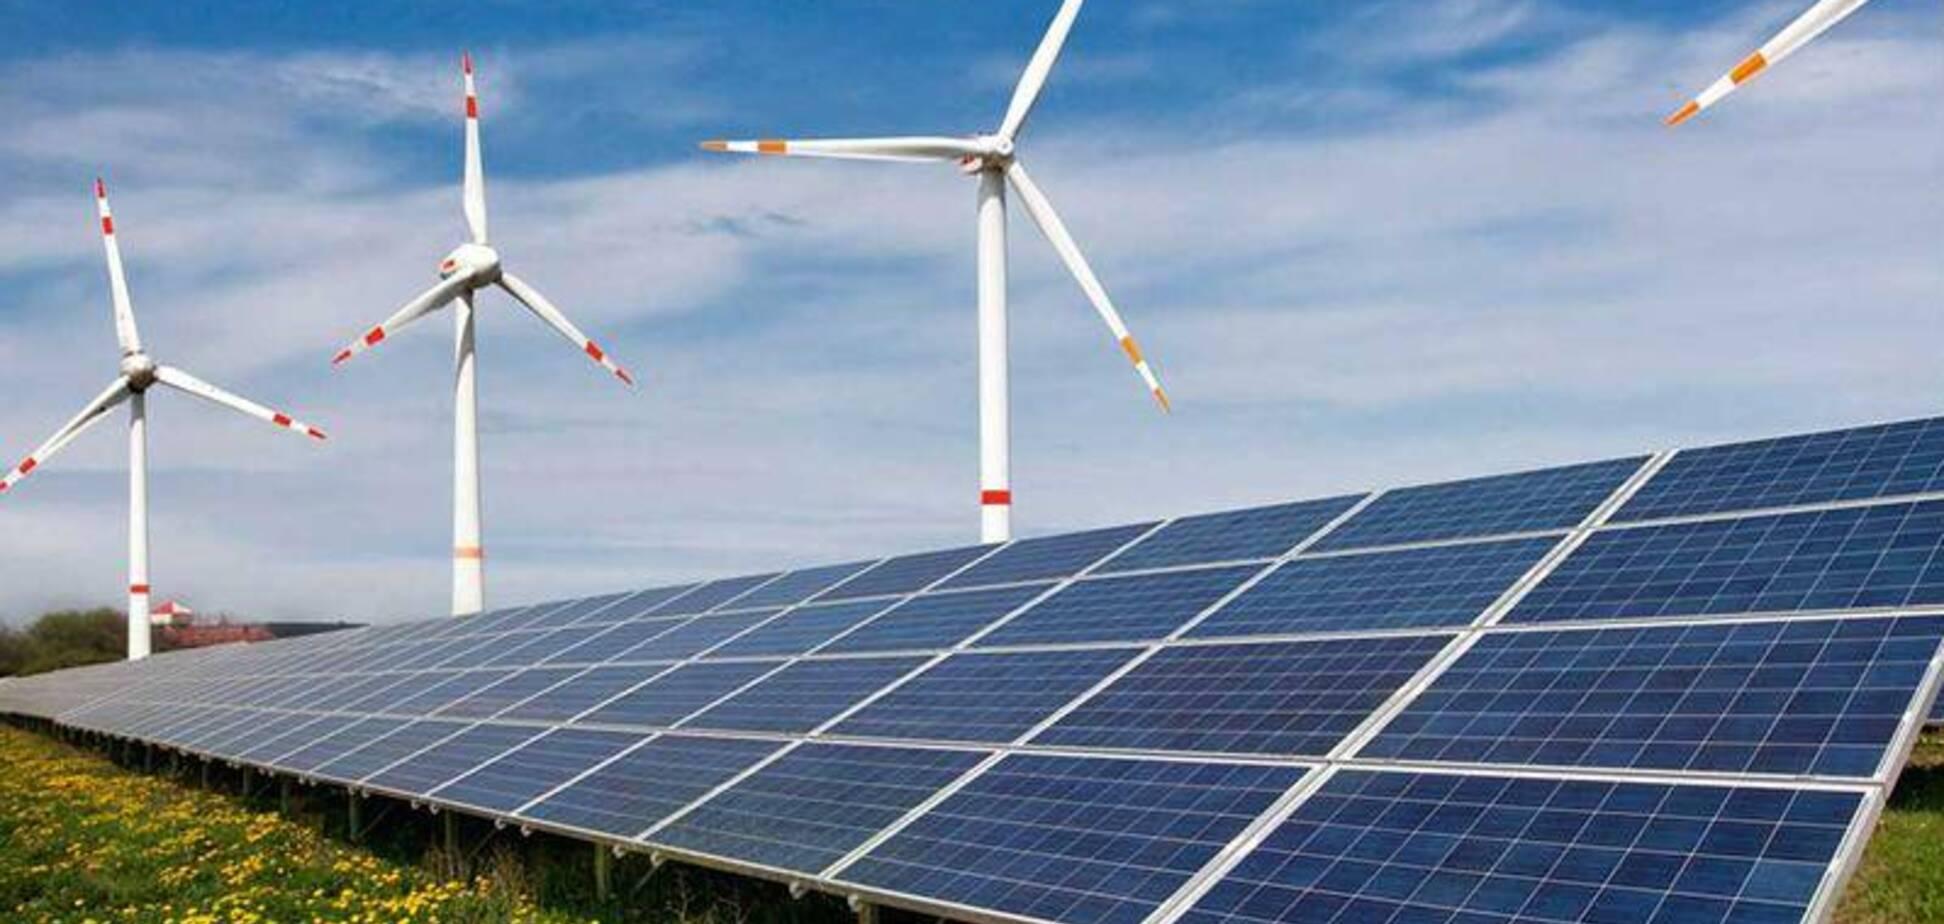 Принятие законопроекта о 'зеленых' тарифах сэкономит государству 80 млрд, – ВЕА